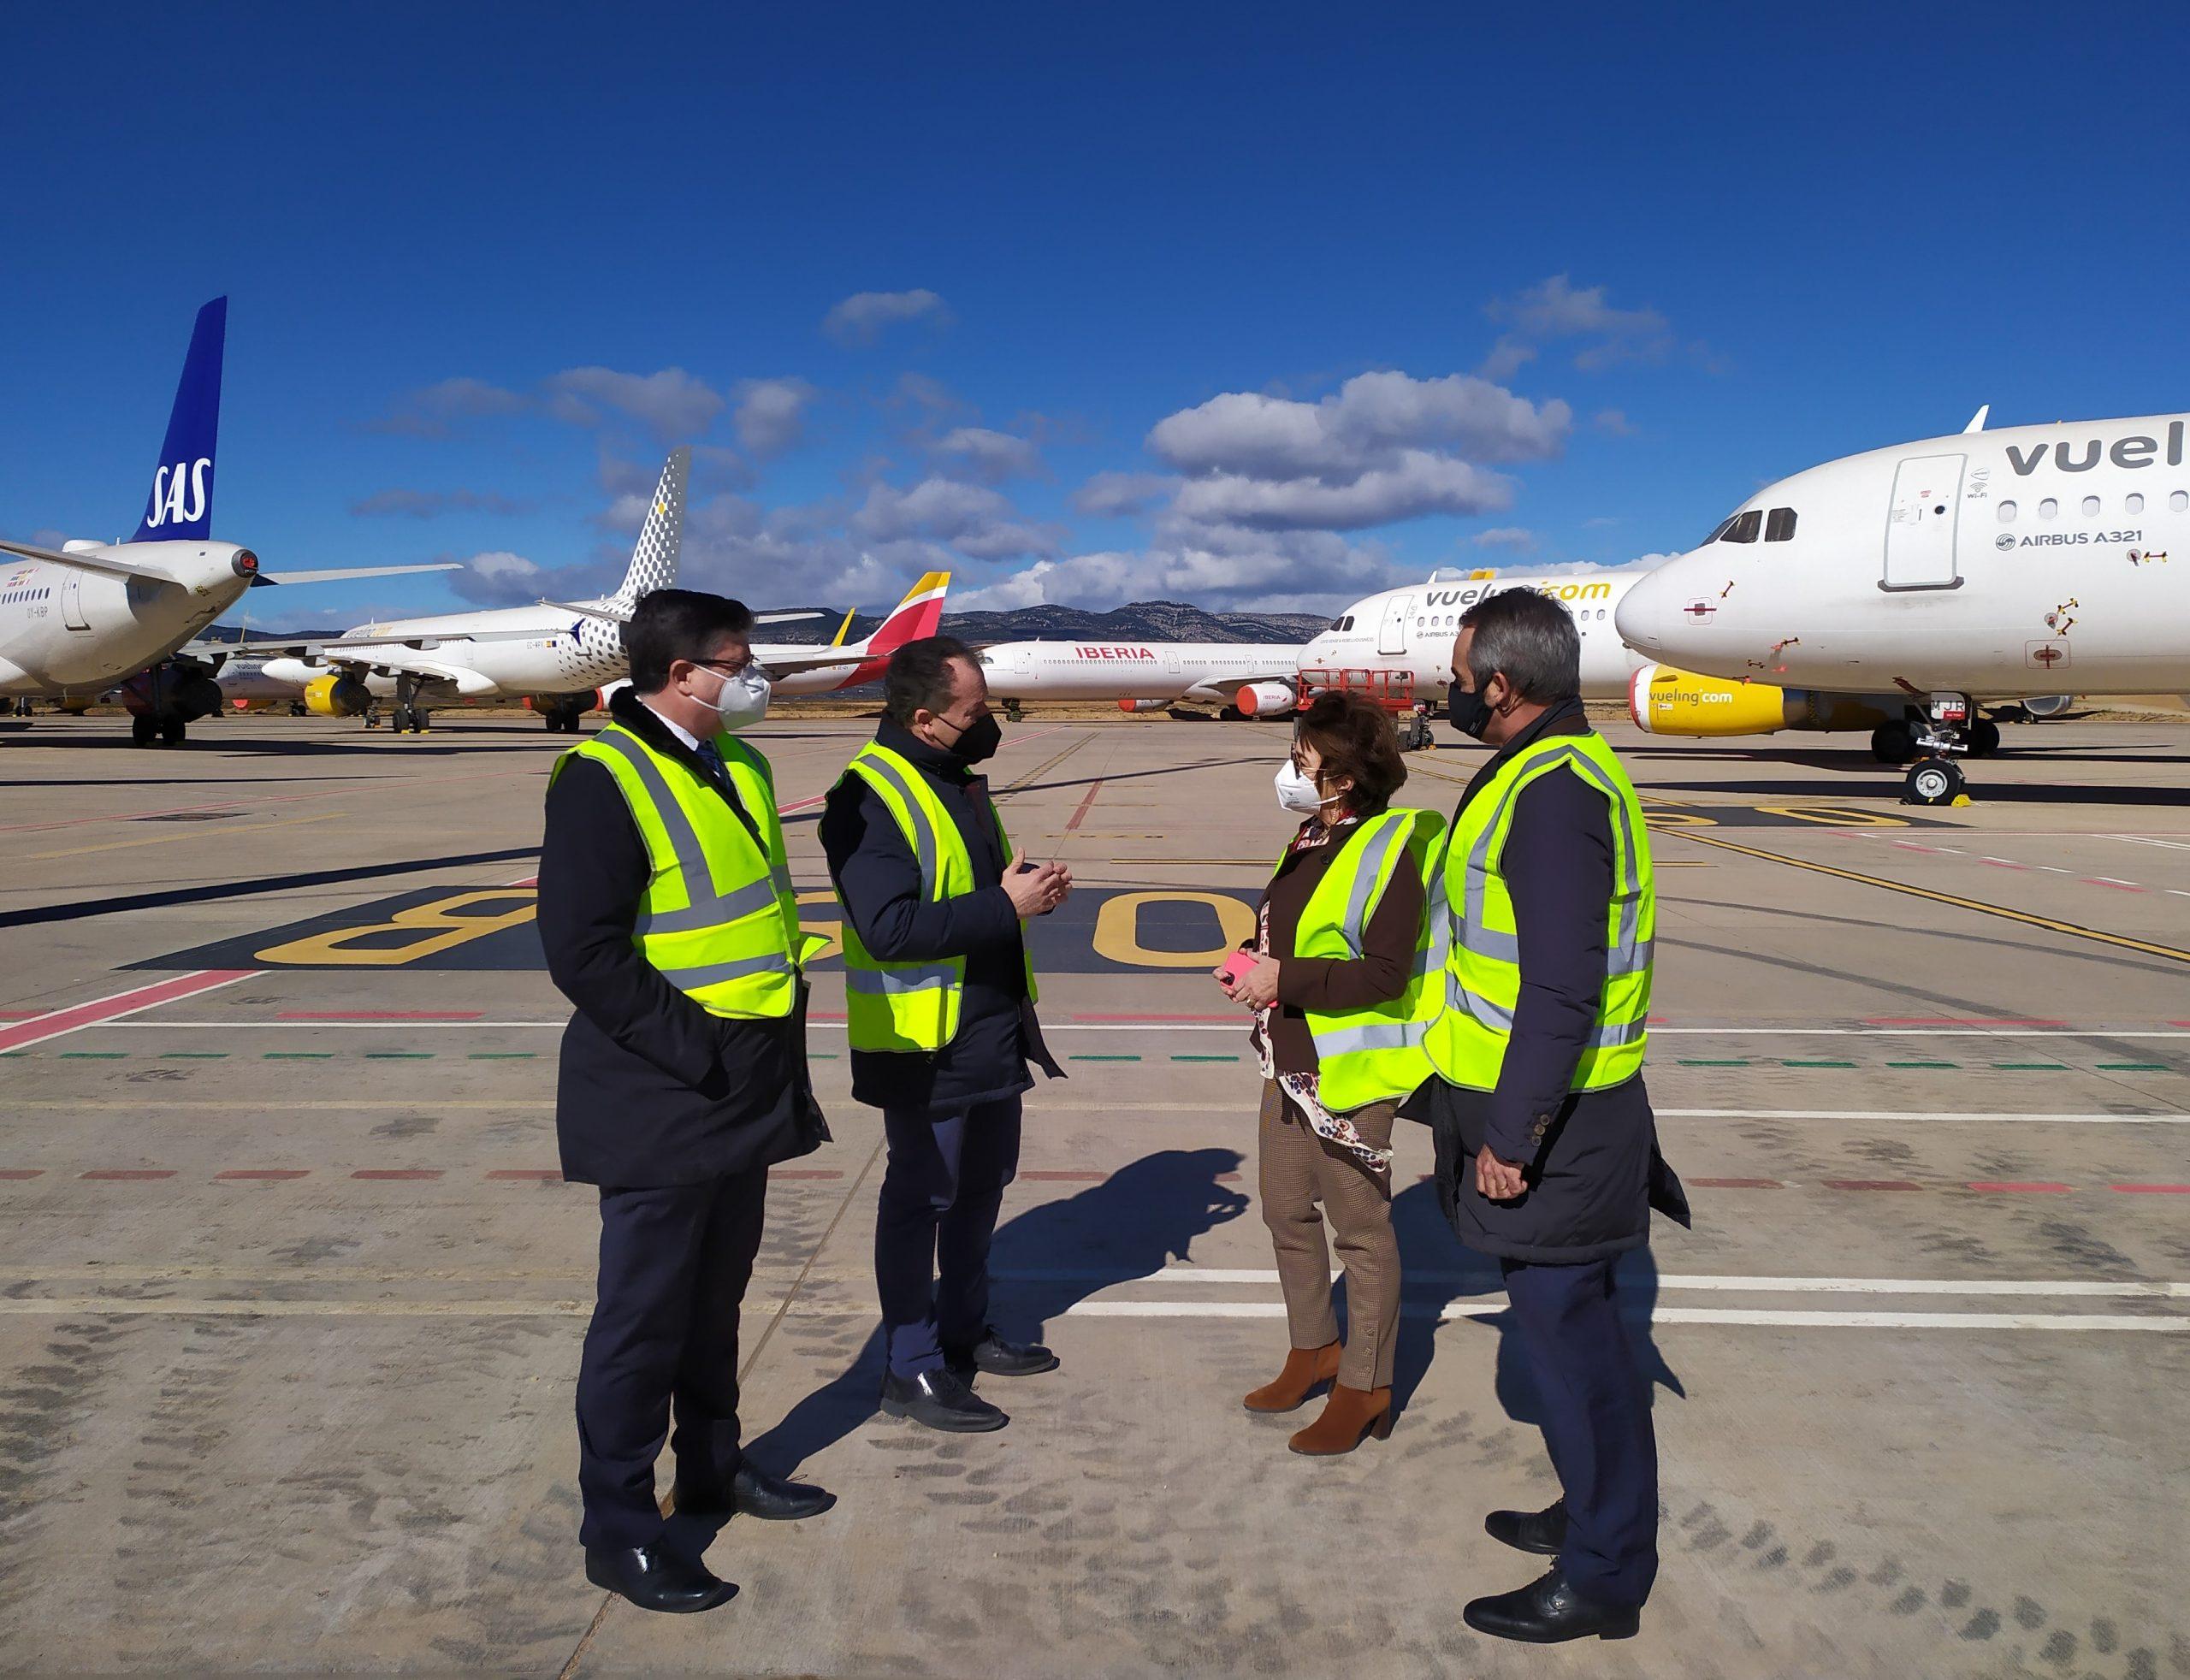 El aeropuerto de Castellón teje alianzas con Redit para fomentar proyectos innovadores vinculados al sector aeronáutico